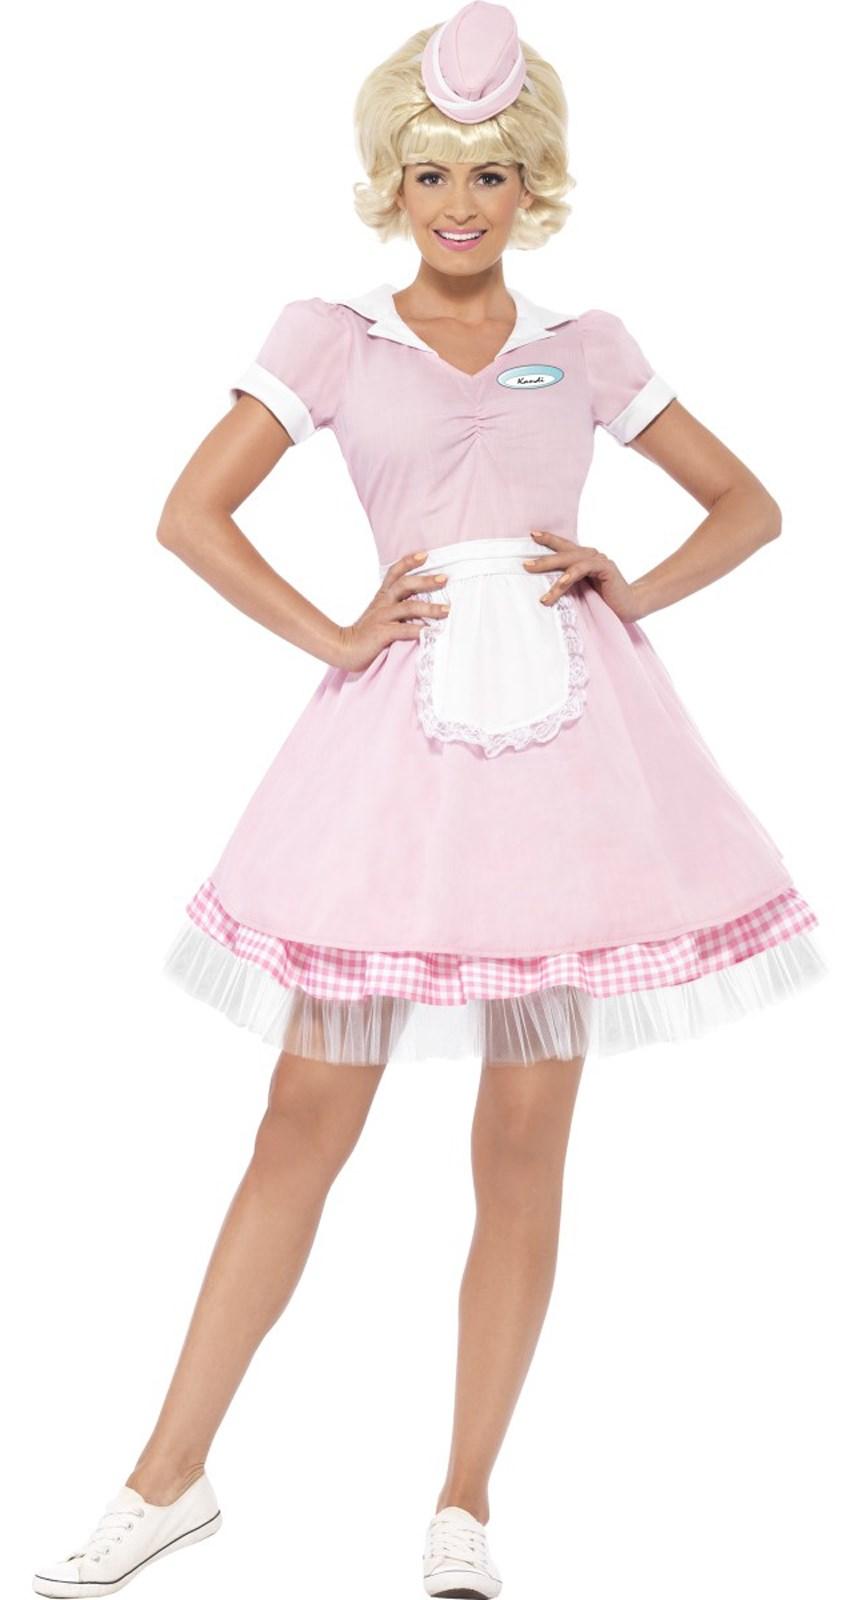 50s Diner Girl Costume For Women